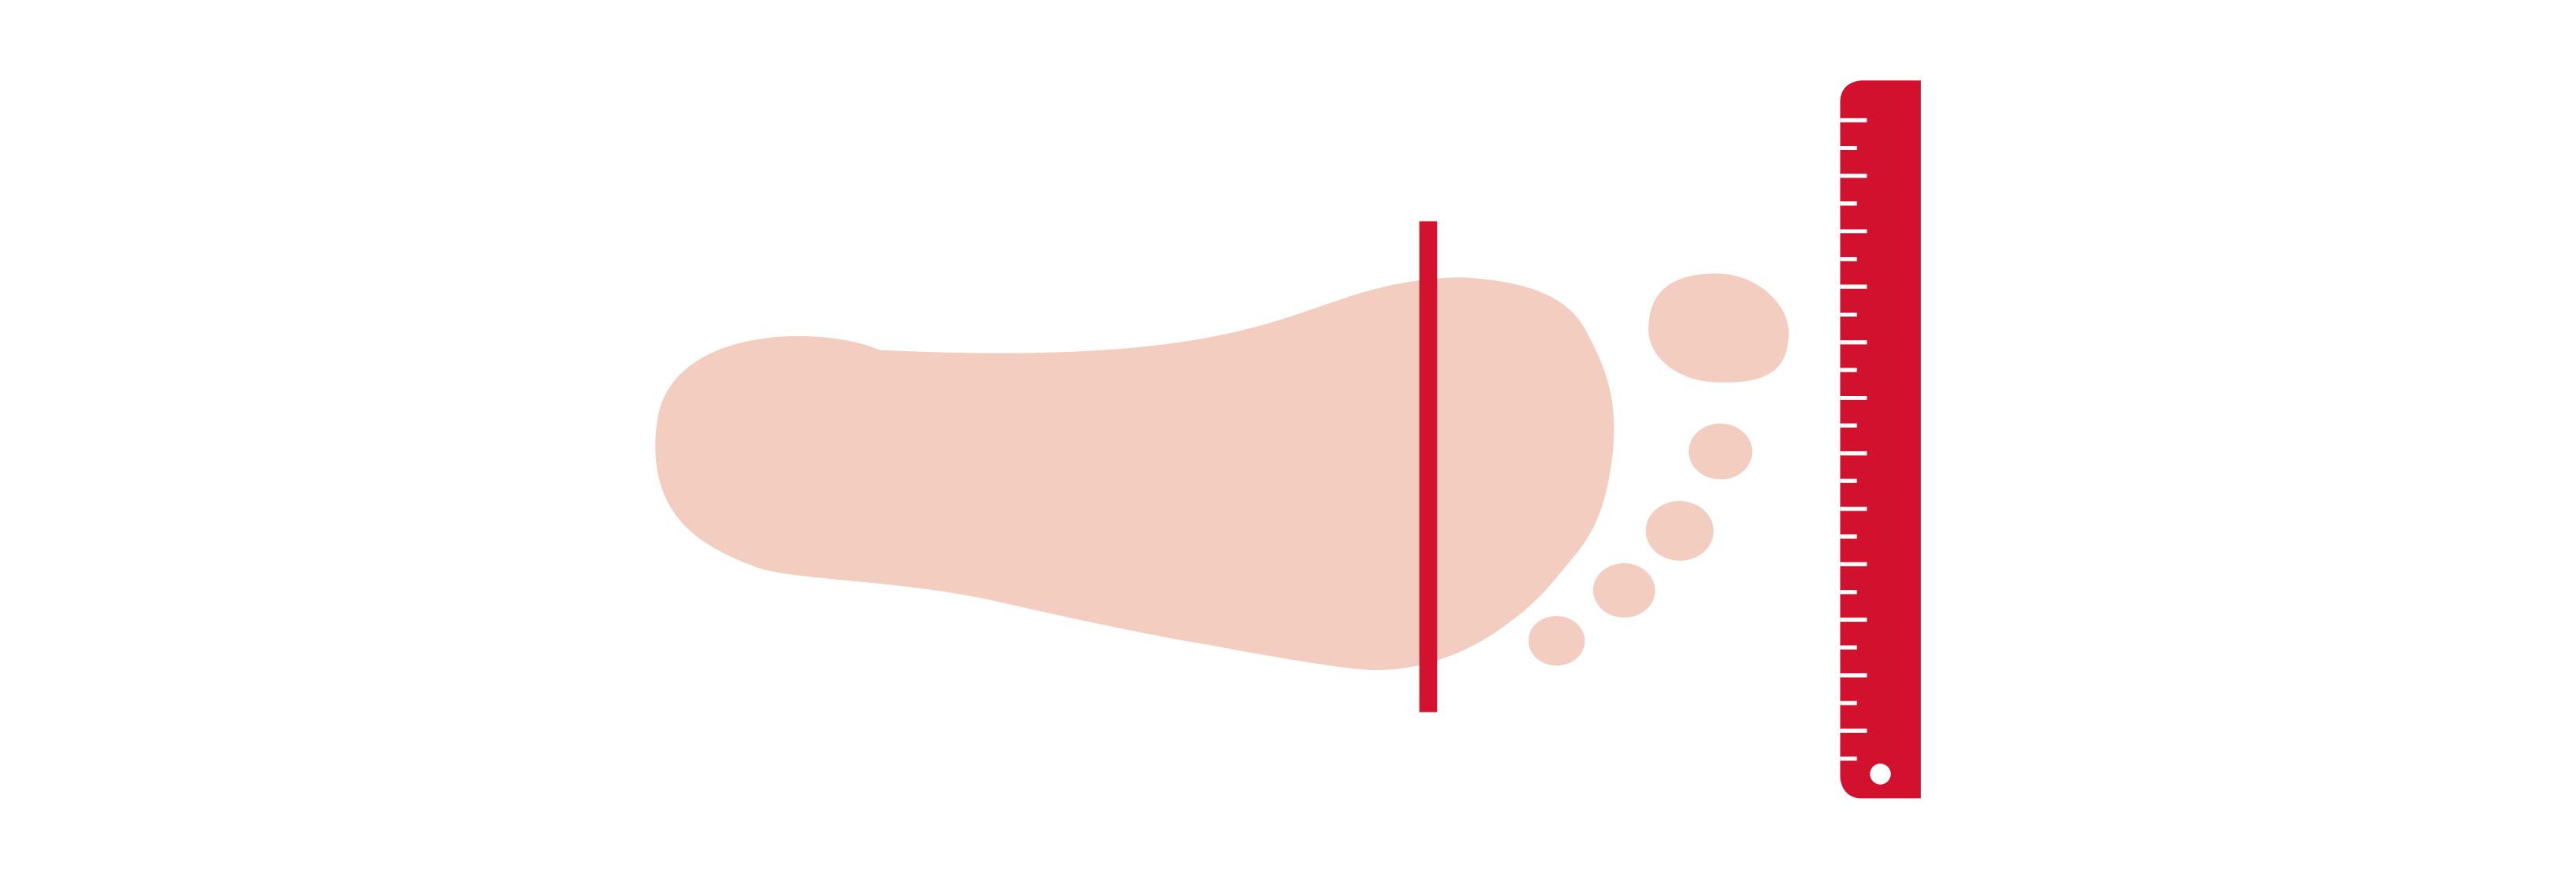 Schuhweite Die korrekte Schuhweite bestimmt den